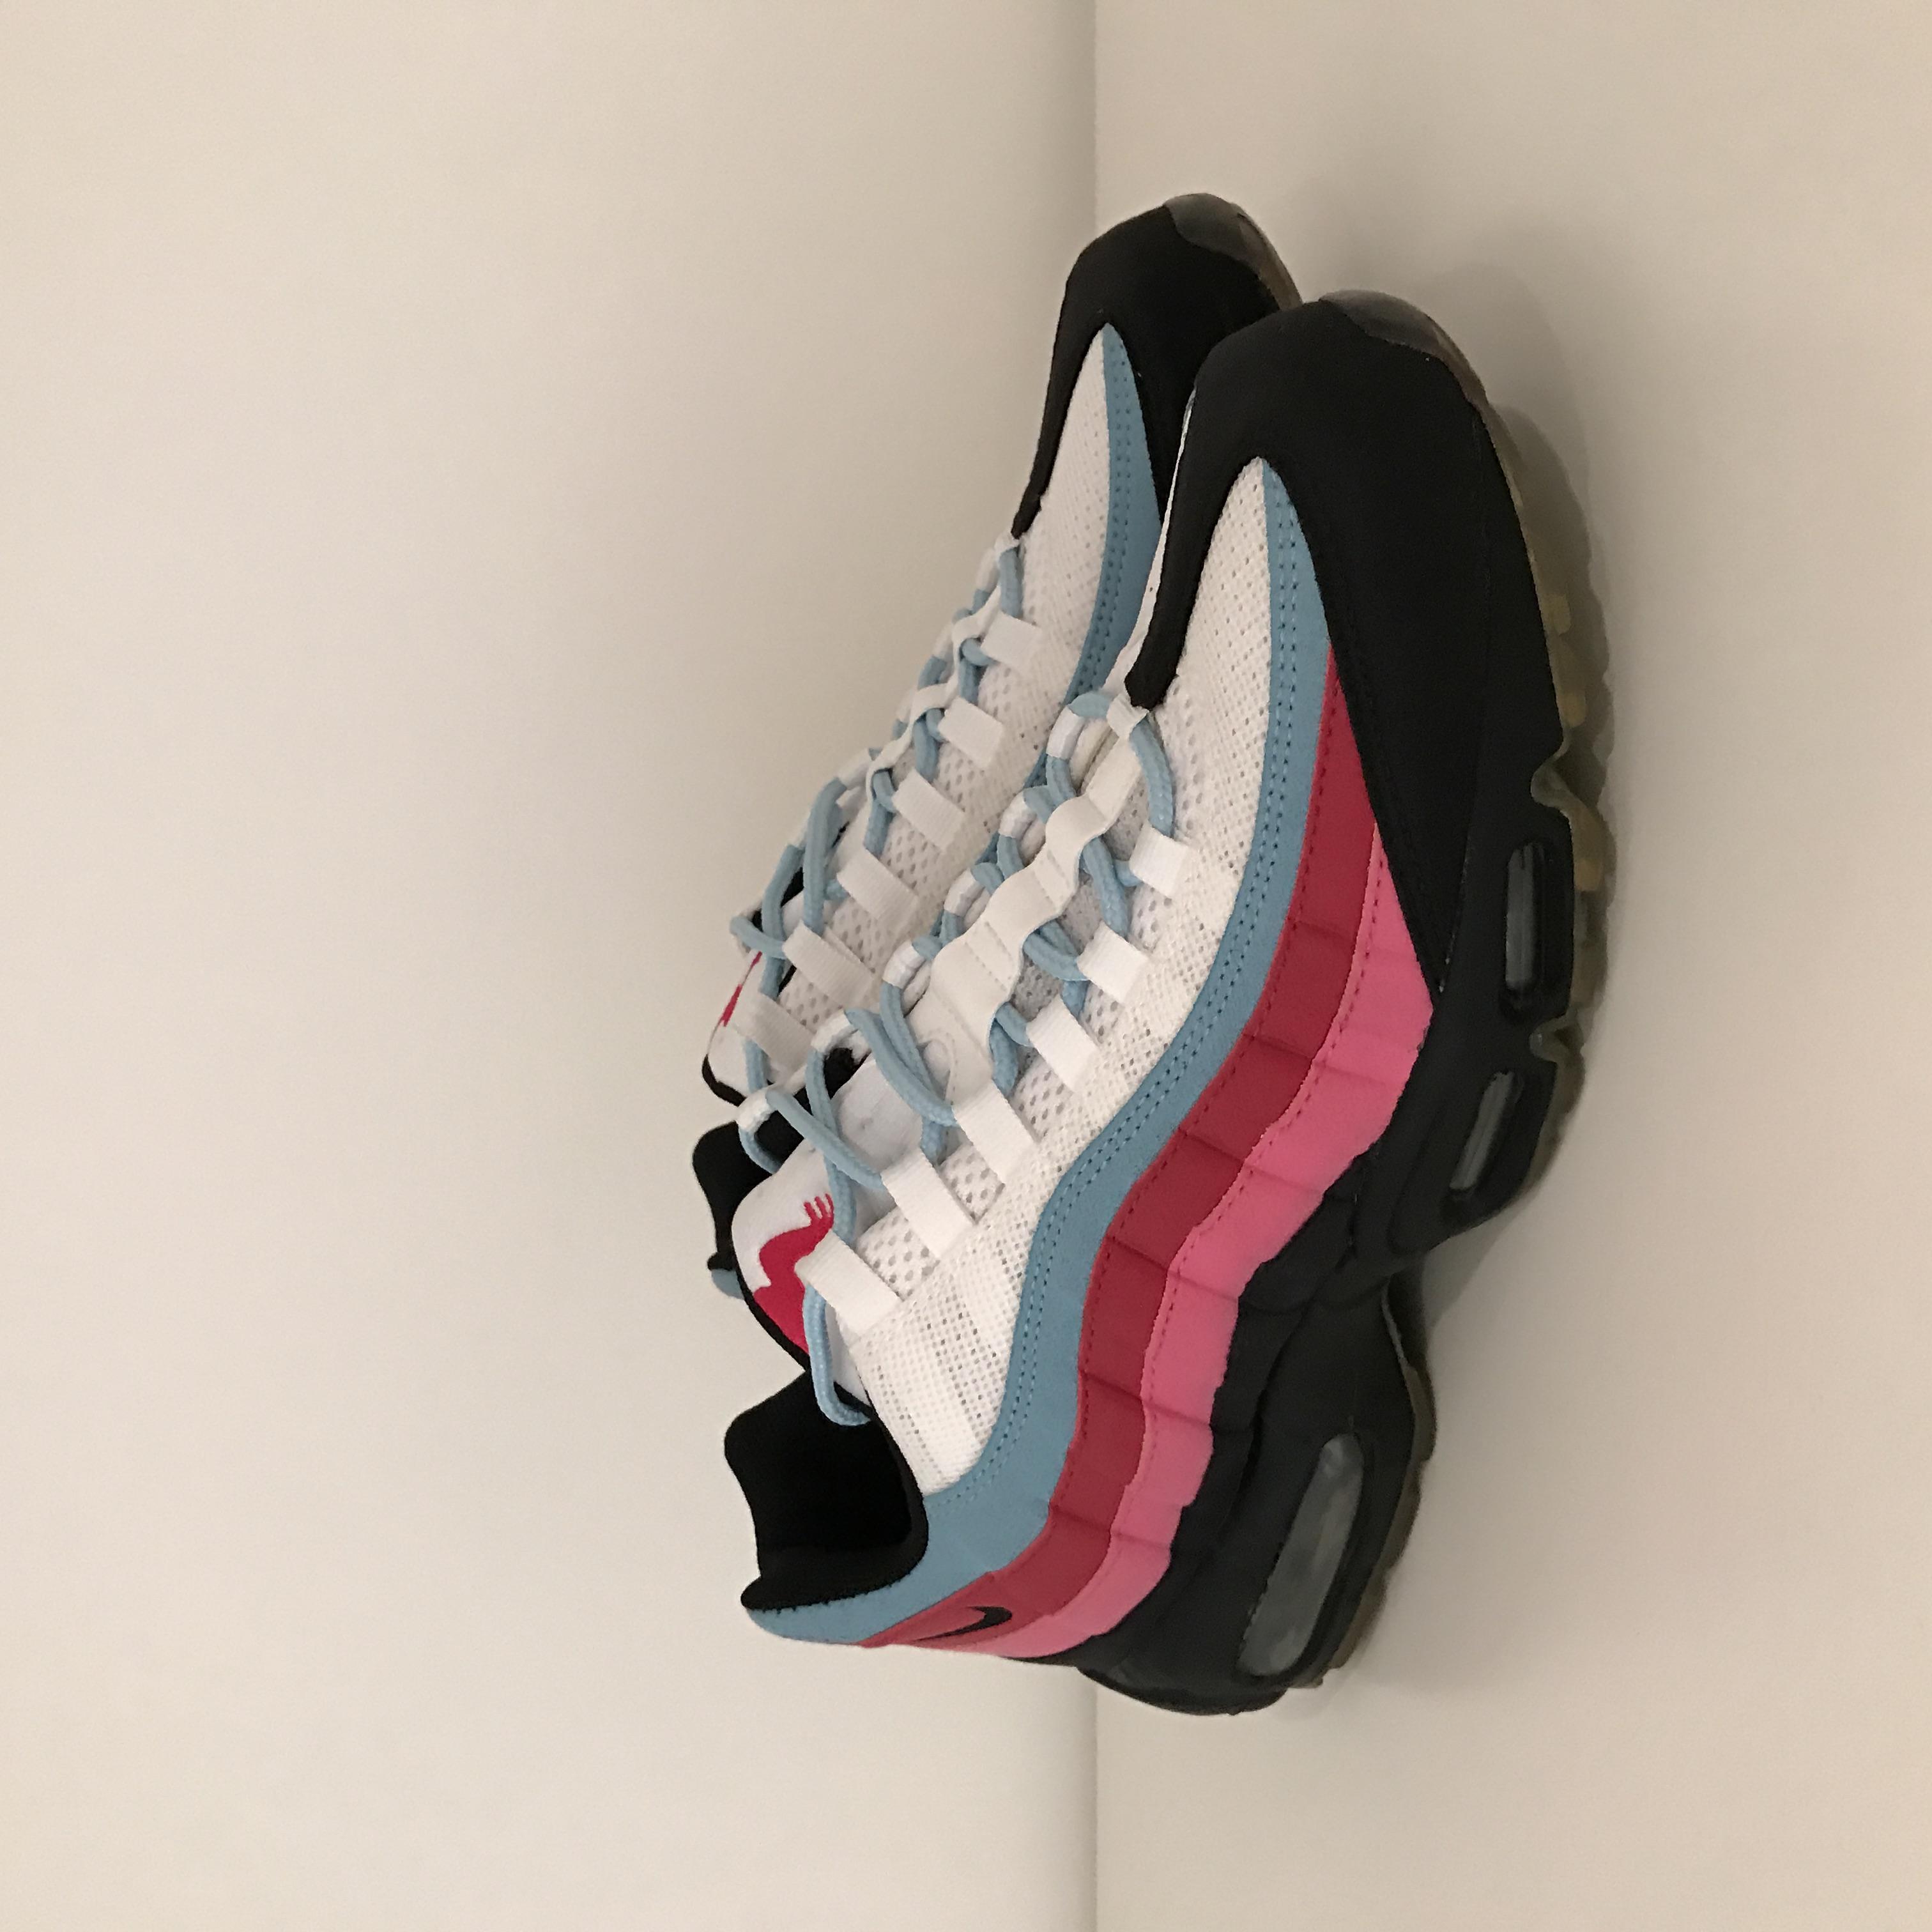 690313da337cd Nike Parra X Nike Air Max 95 The Running Man | Grailed